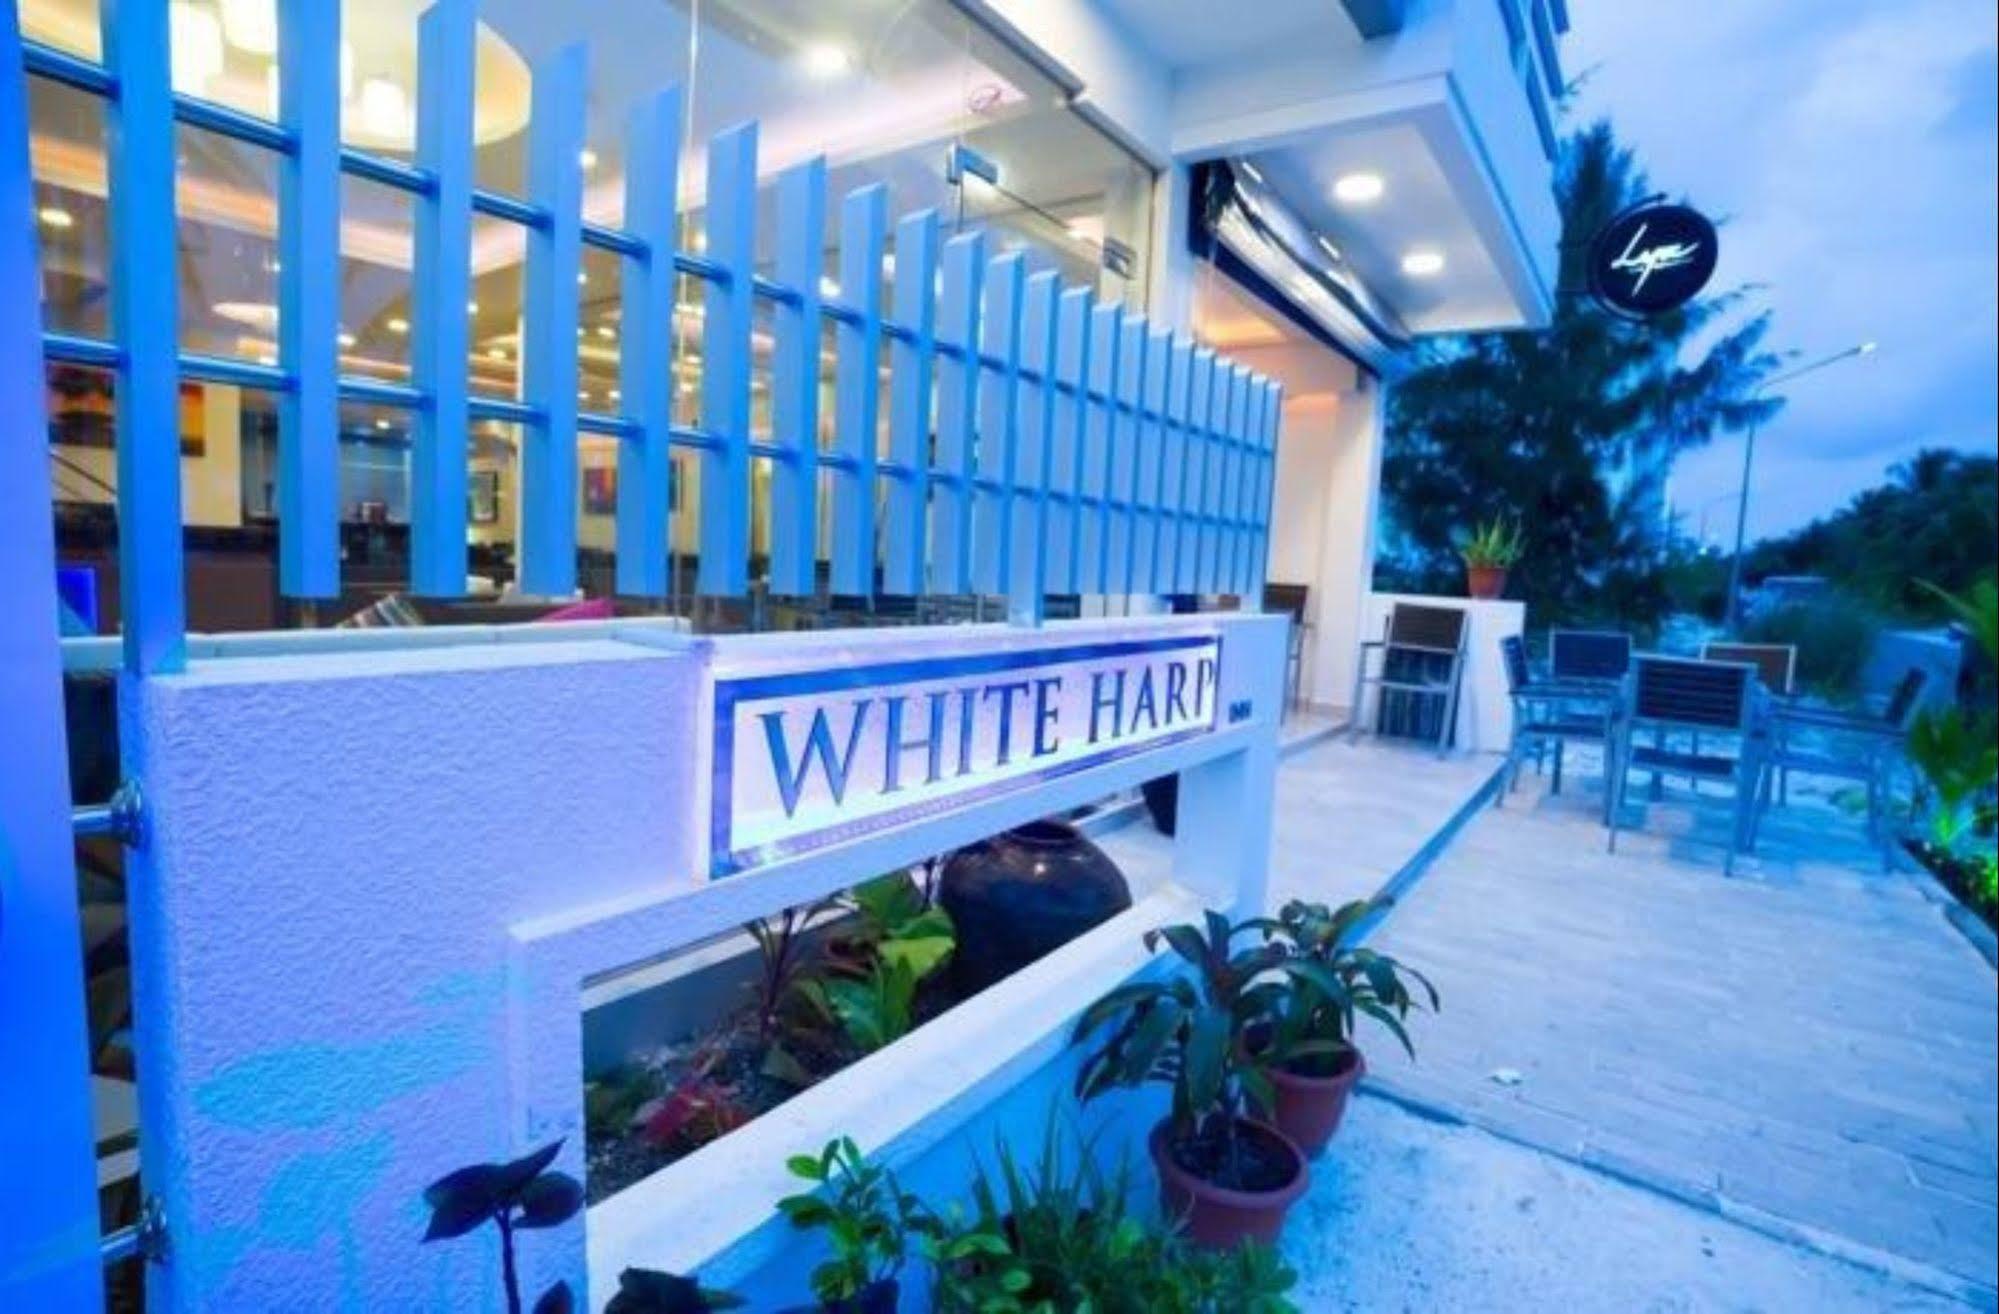 The White Harp Beach